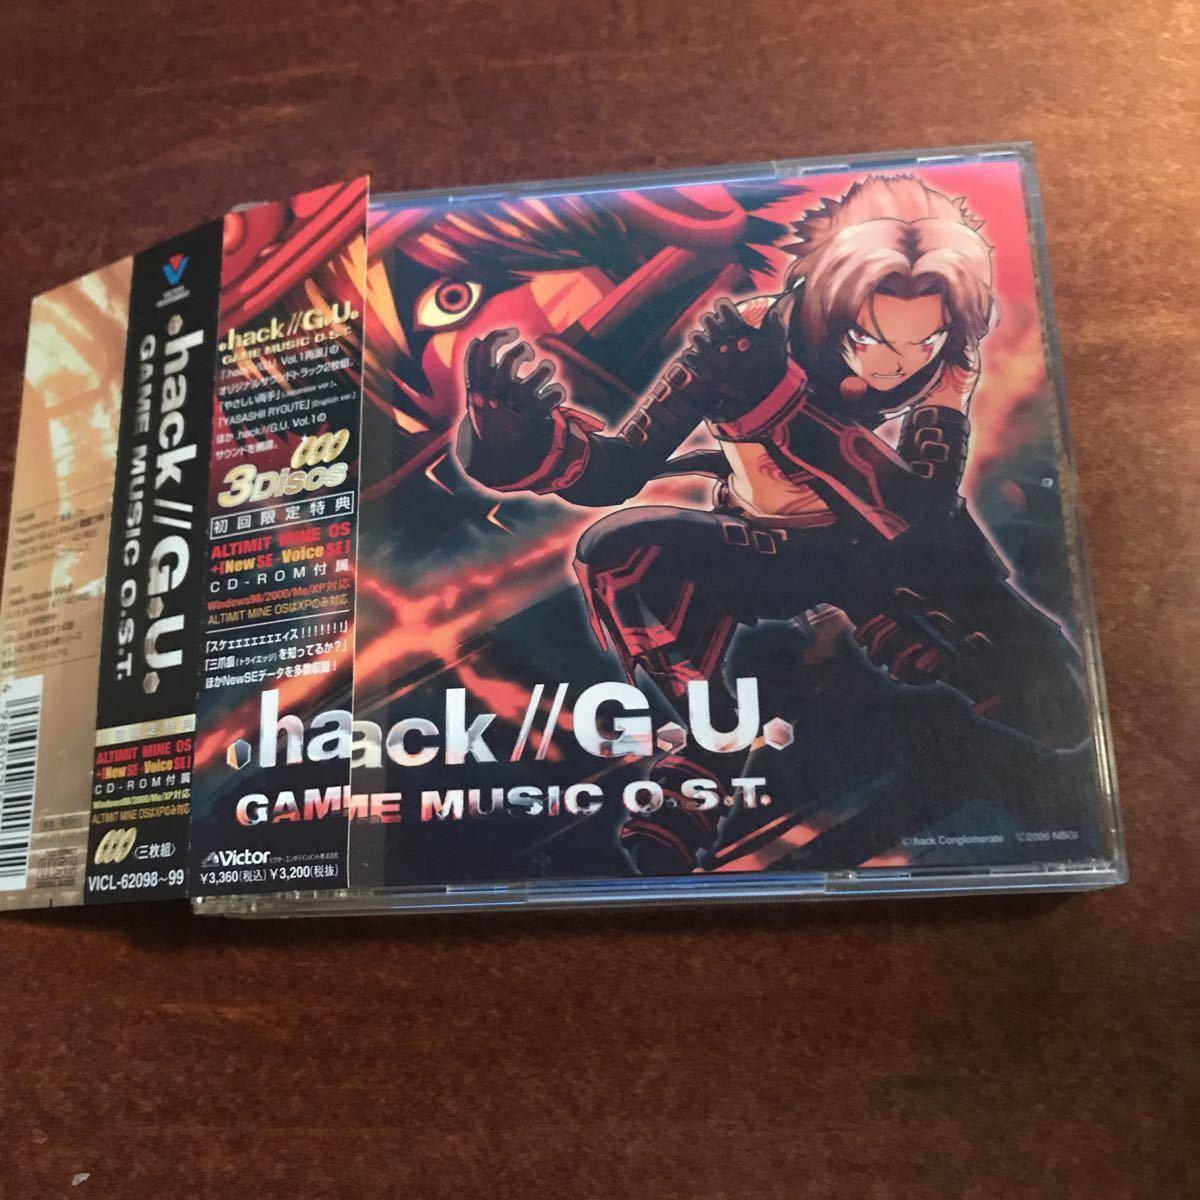 CD .hack//G.U. GAME MUSIC O.S.T 初回限定3枚組